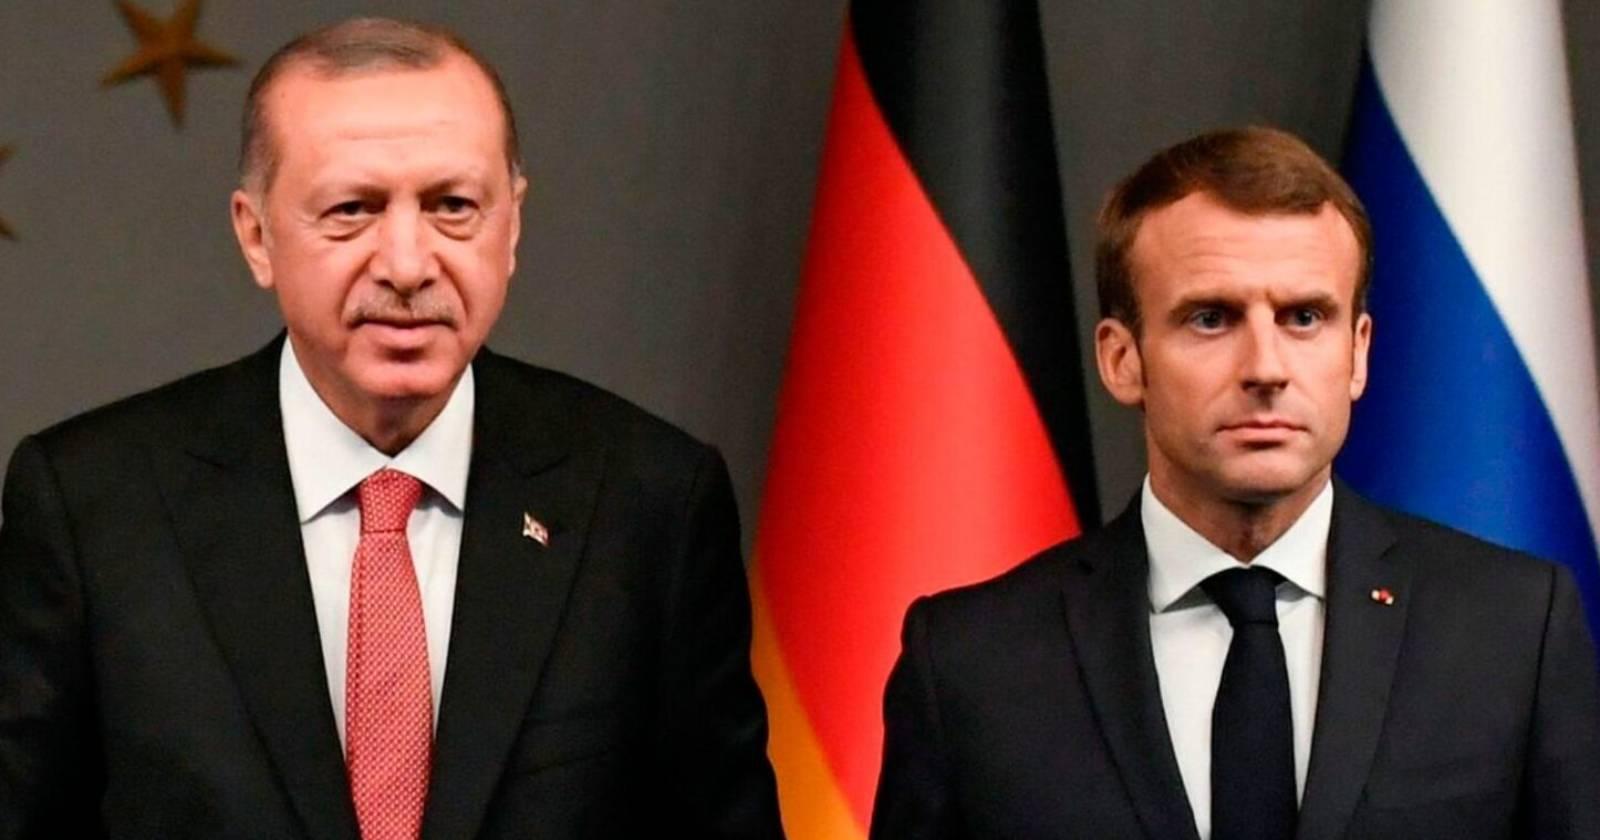 Presidente de Turquía comparó la